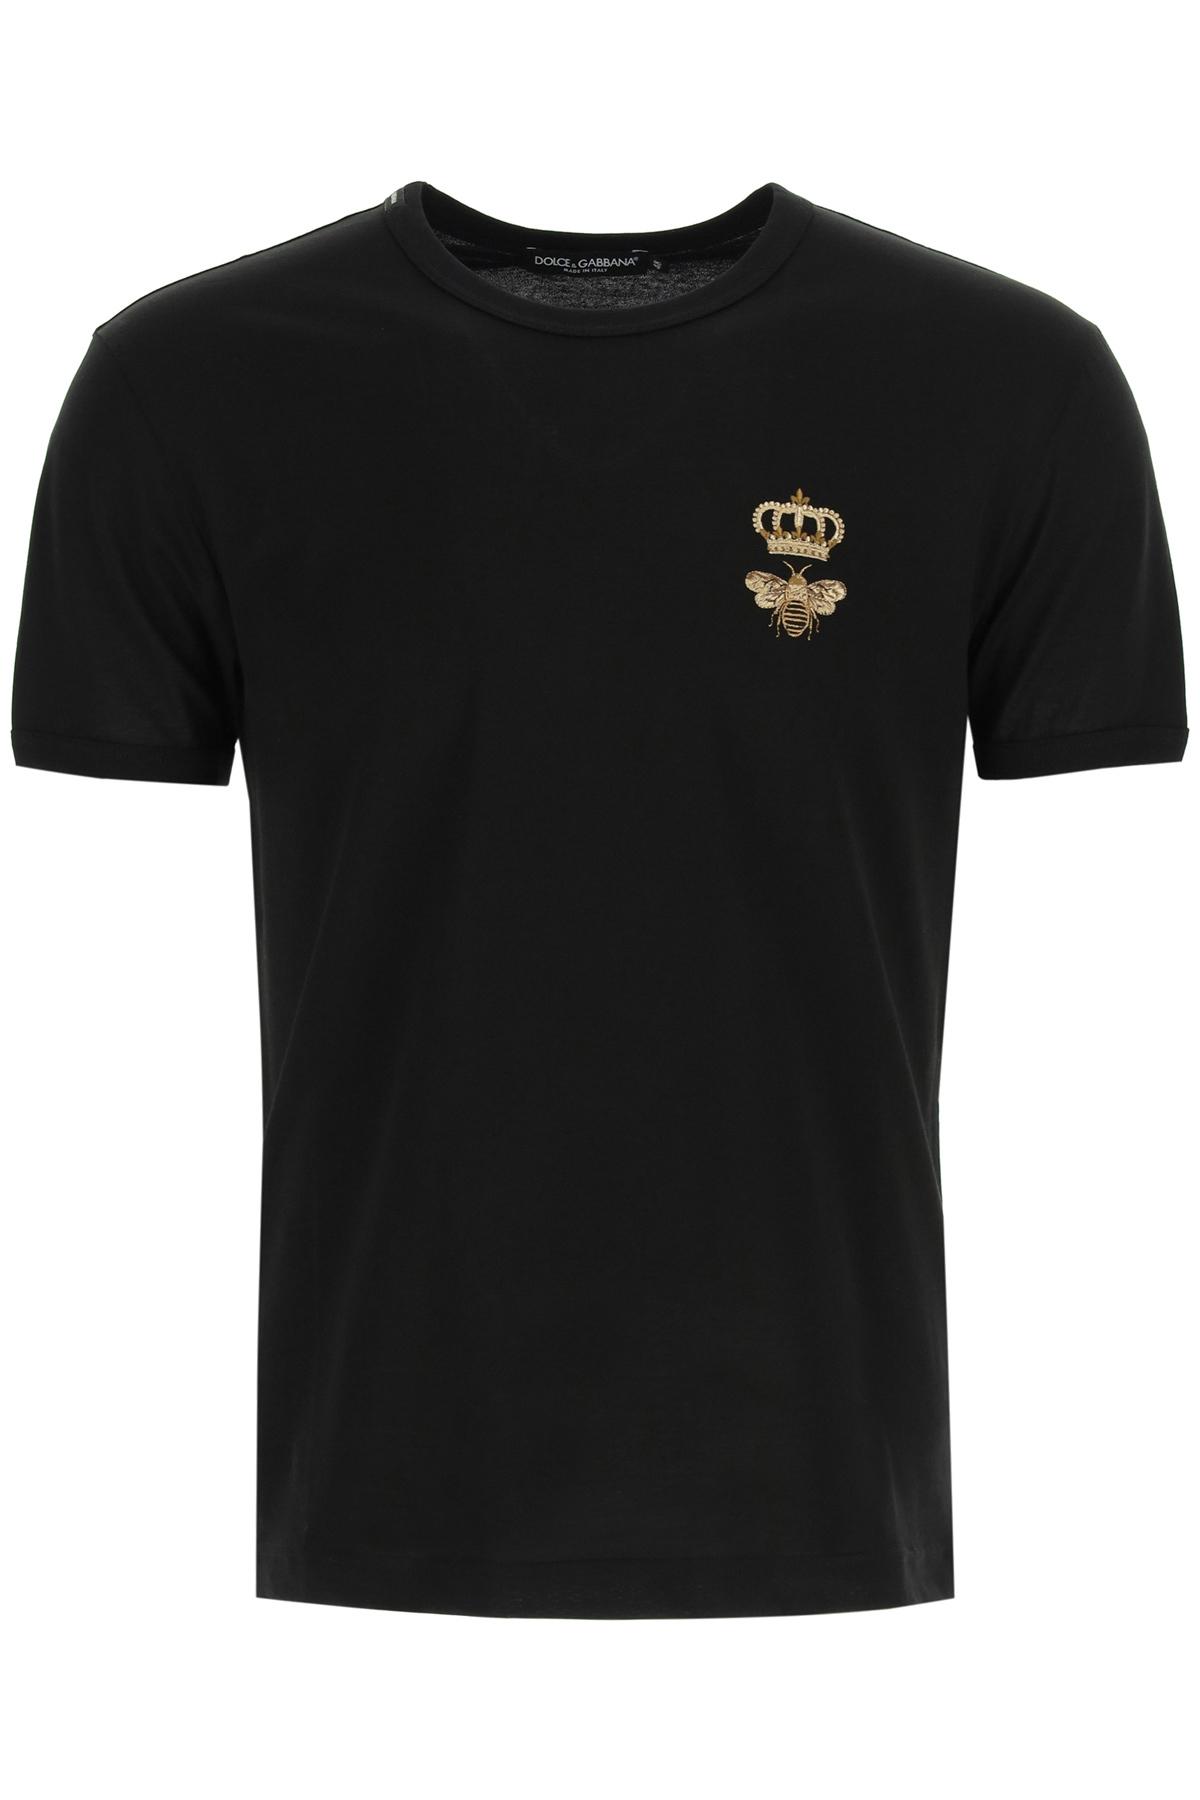 Dolce & gabbana t-shirt con ricamo ape e corona in lurex